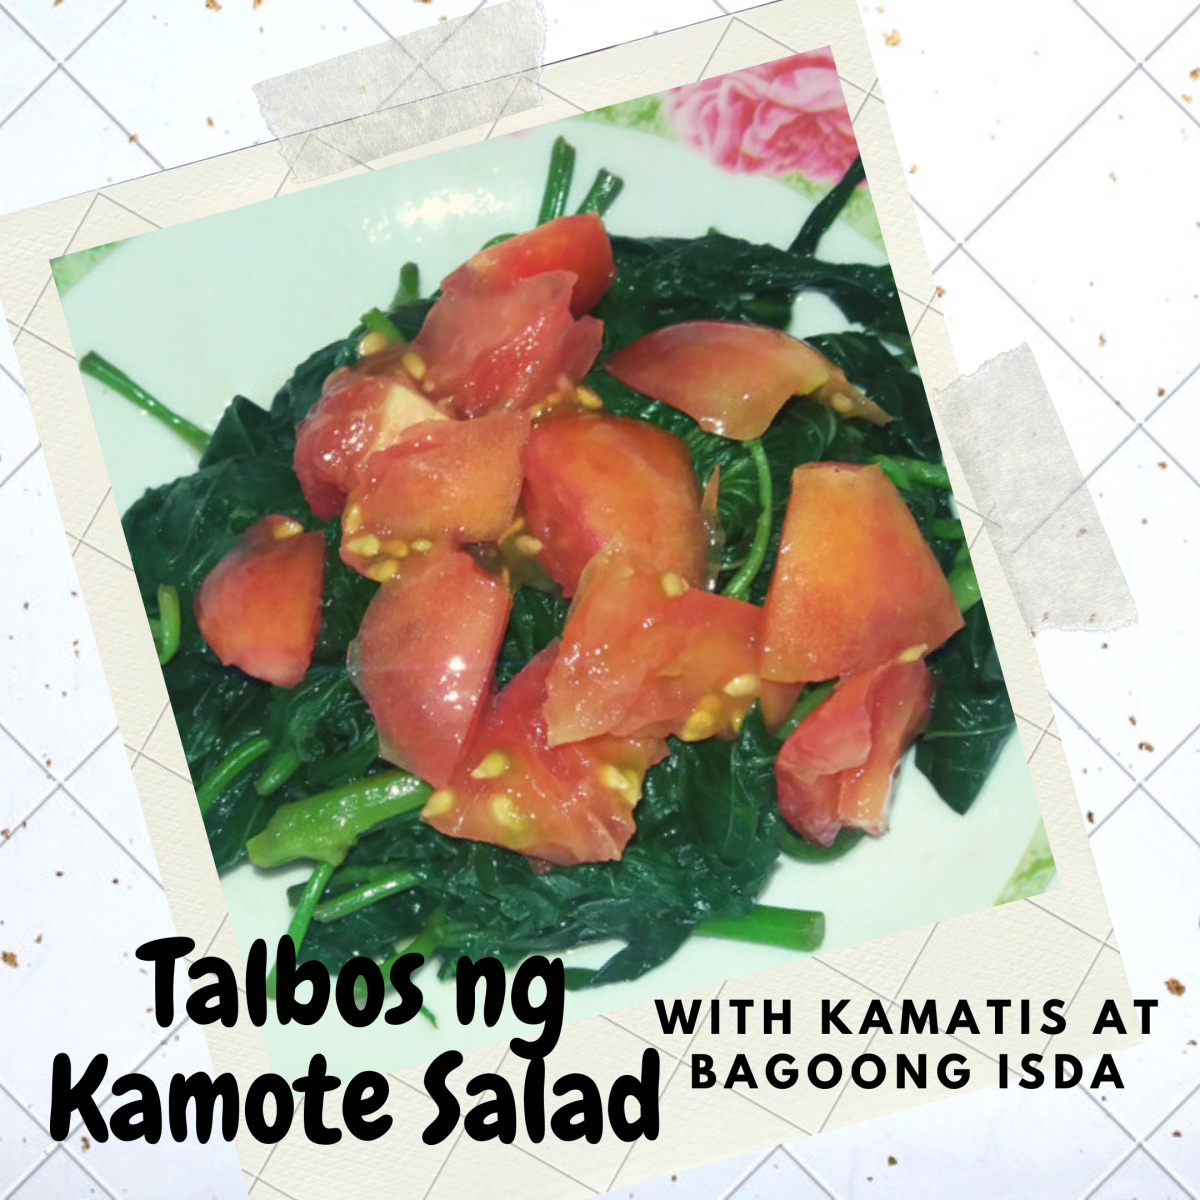 Talbos Ng Kamote Salad With Kamatis and Bagoong Isda